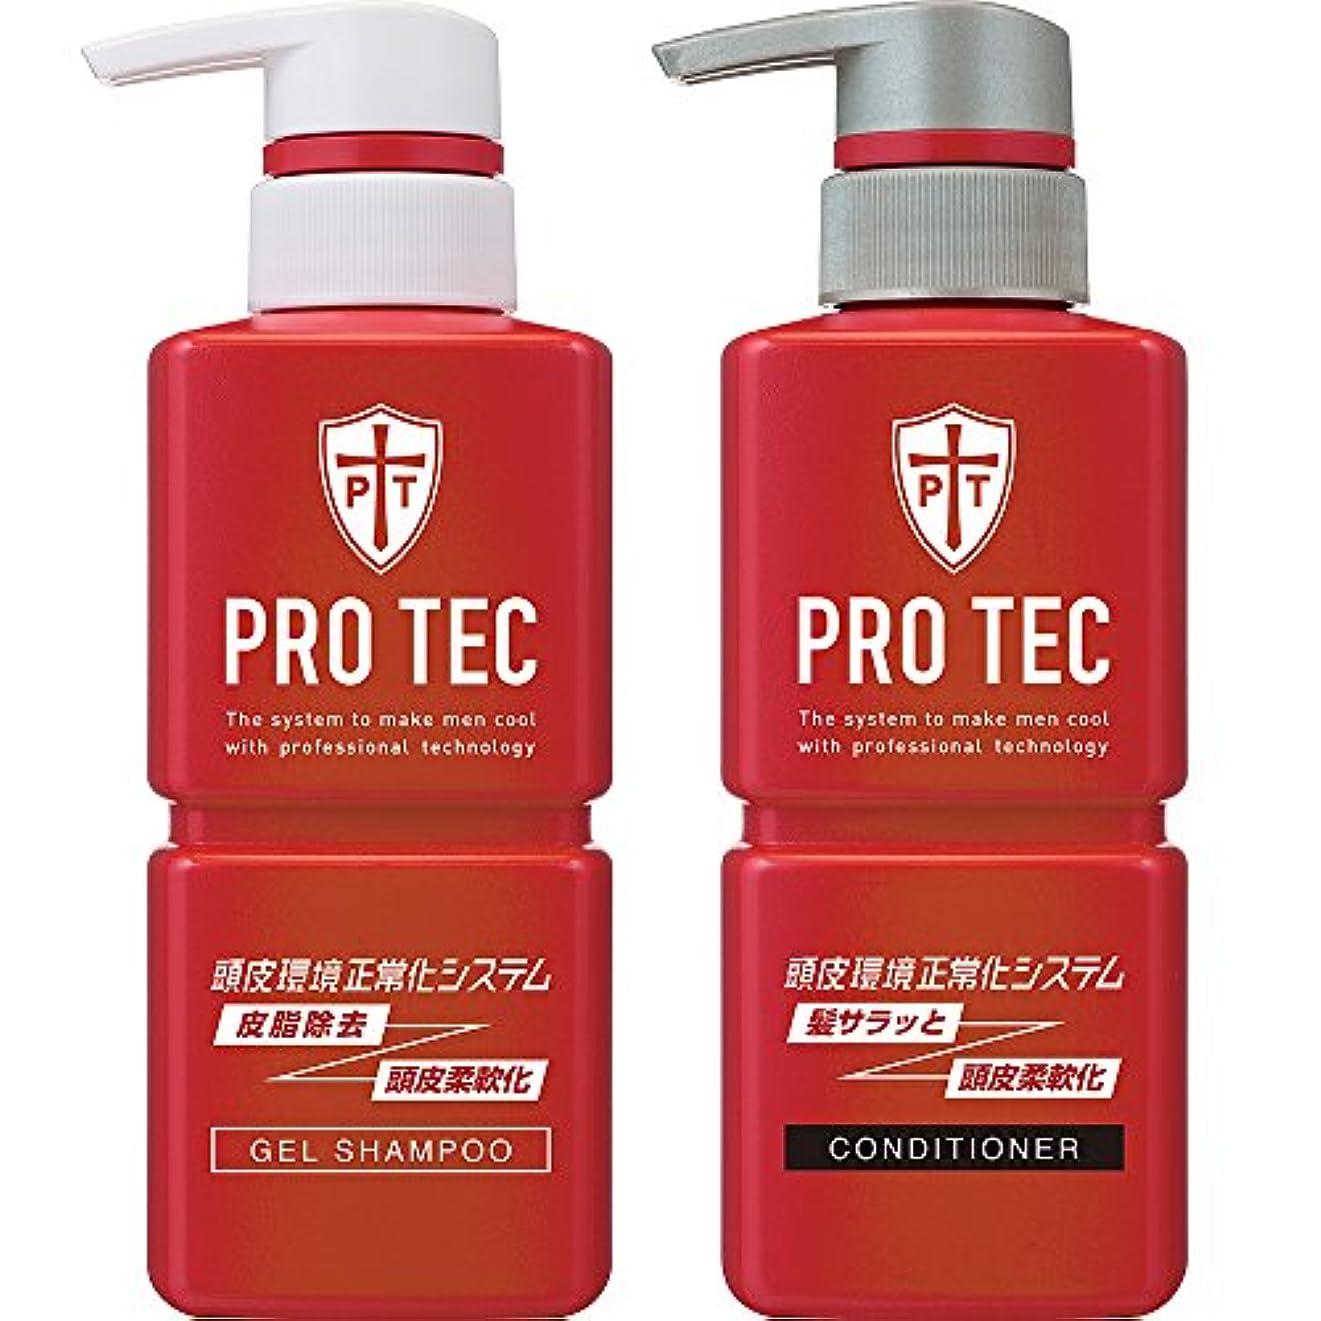 コンテスト分析する獲物PRO TEC(プロテク) 頭皮ストレッチ シャンプー ポンプ 300g(医薬部外品)+ コンディショナー ポンプ 300g